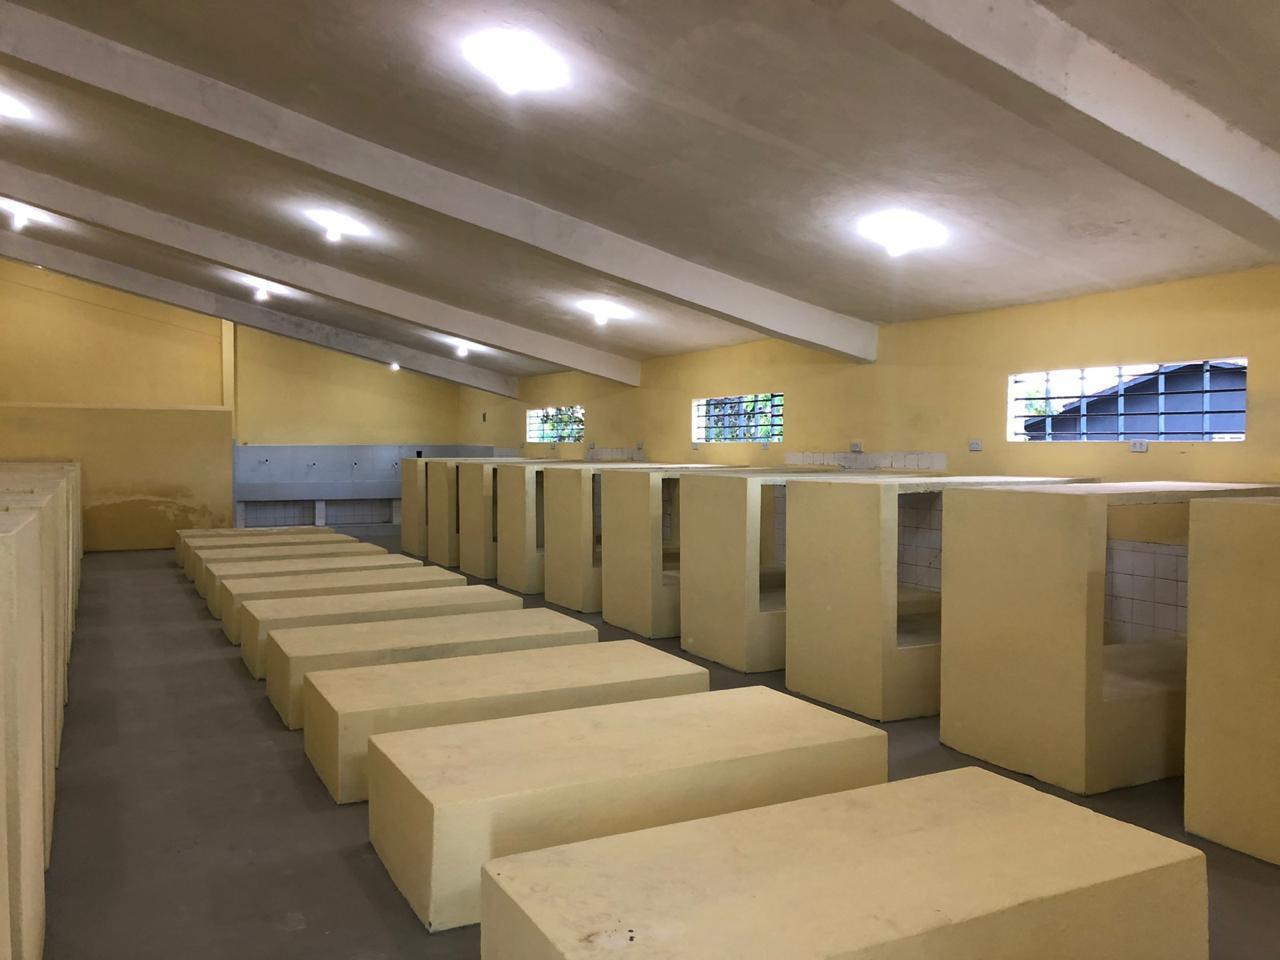 79fc41ae b798 442f b9a4 e7841b6edb79 - DO LUXO AO LIXO: OAB-PB vê insalubridade em presídio que recebeu 'presos especiais'